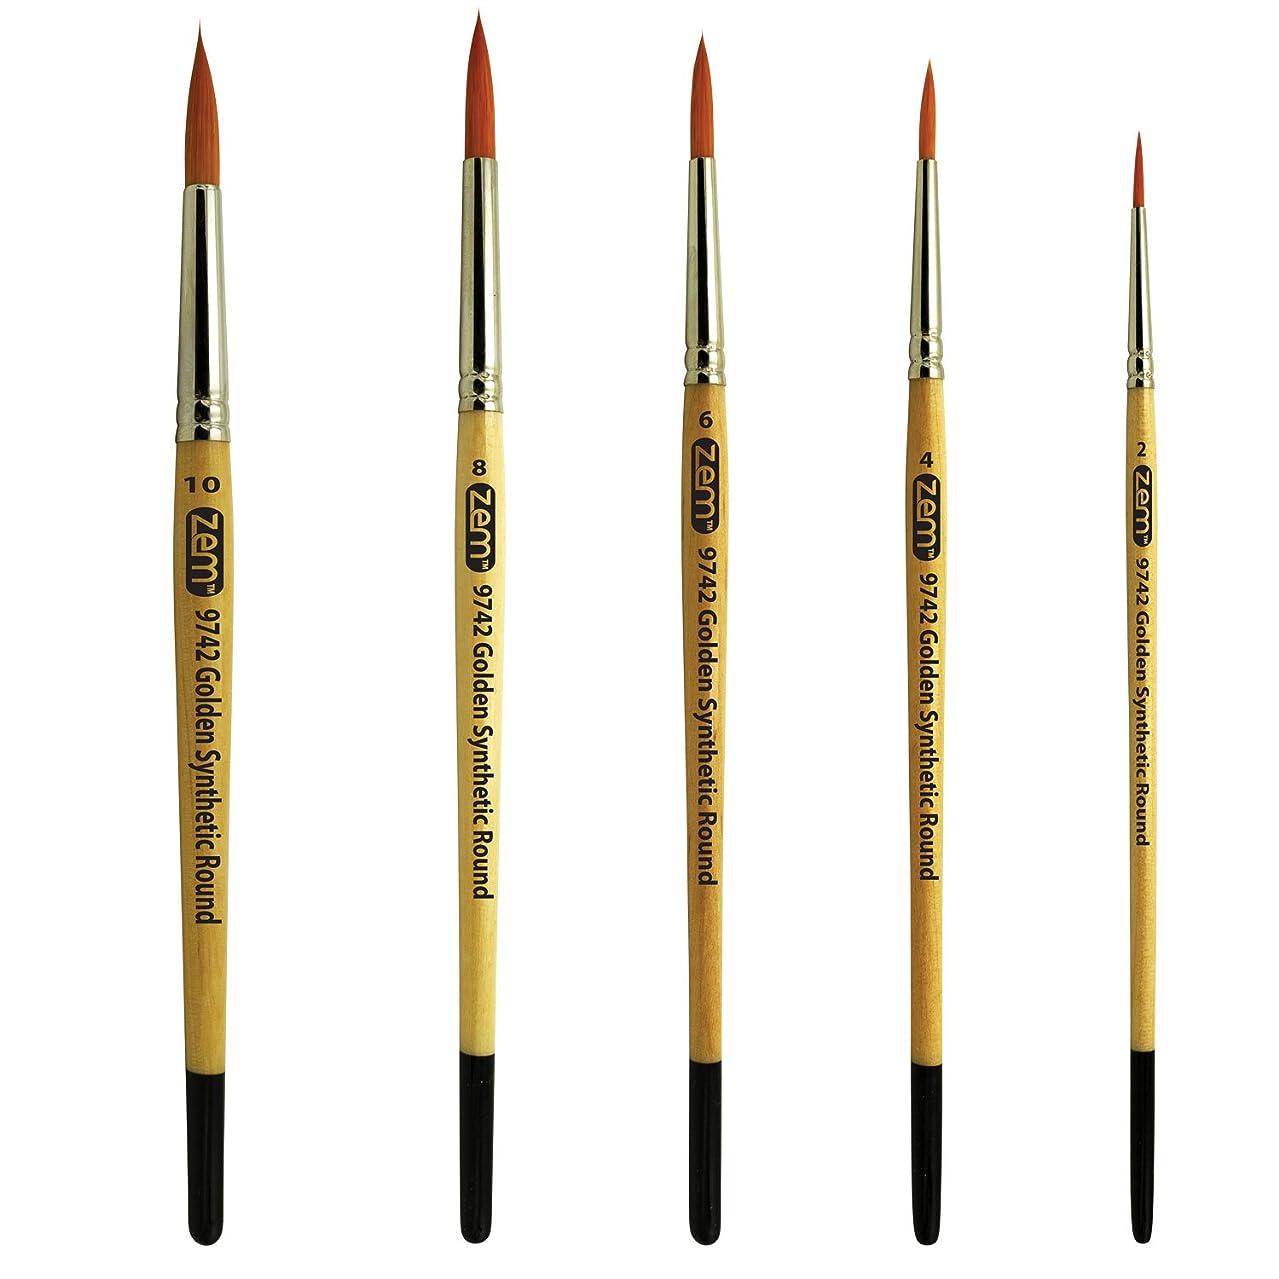 ZEM BRUSH Student Golden Synthetic Rounds Brushes Set Sizes 2,4,6,8,10